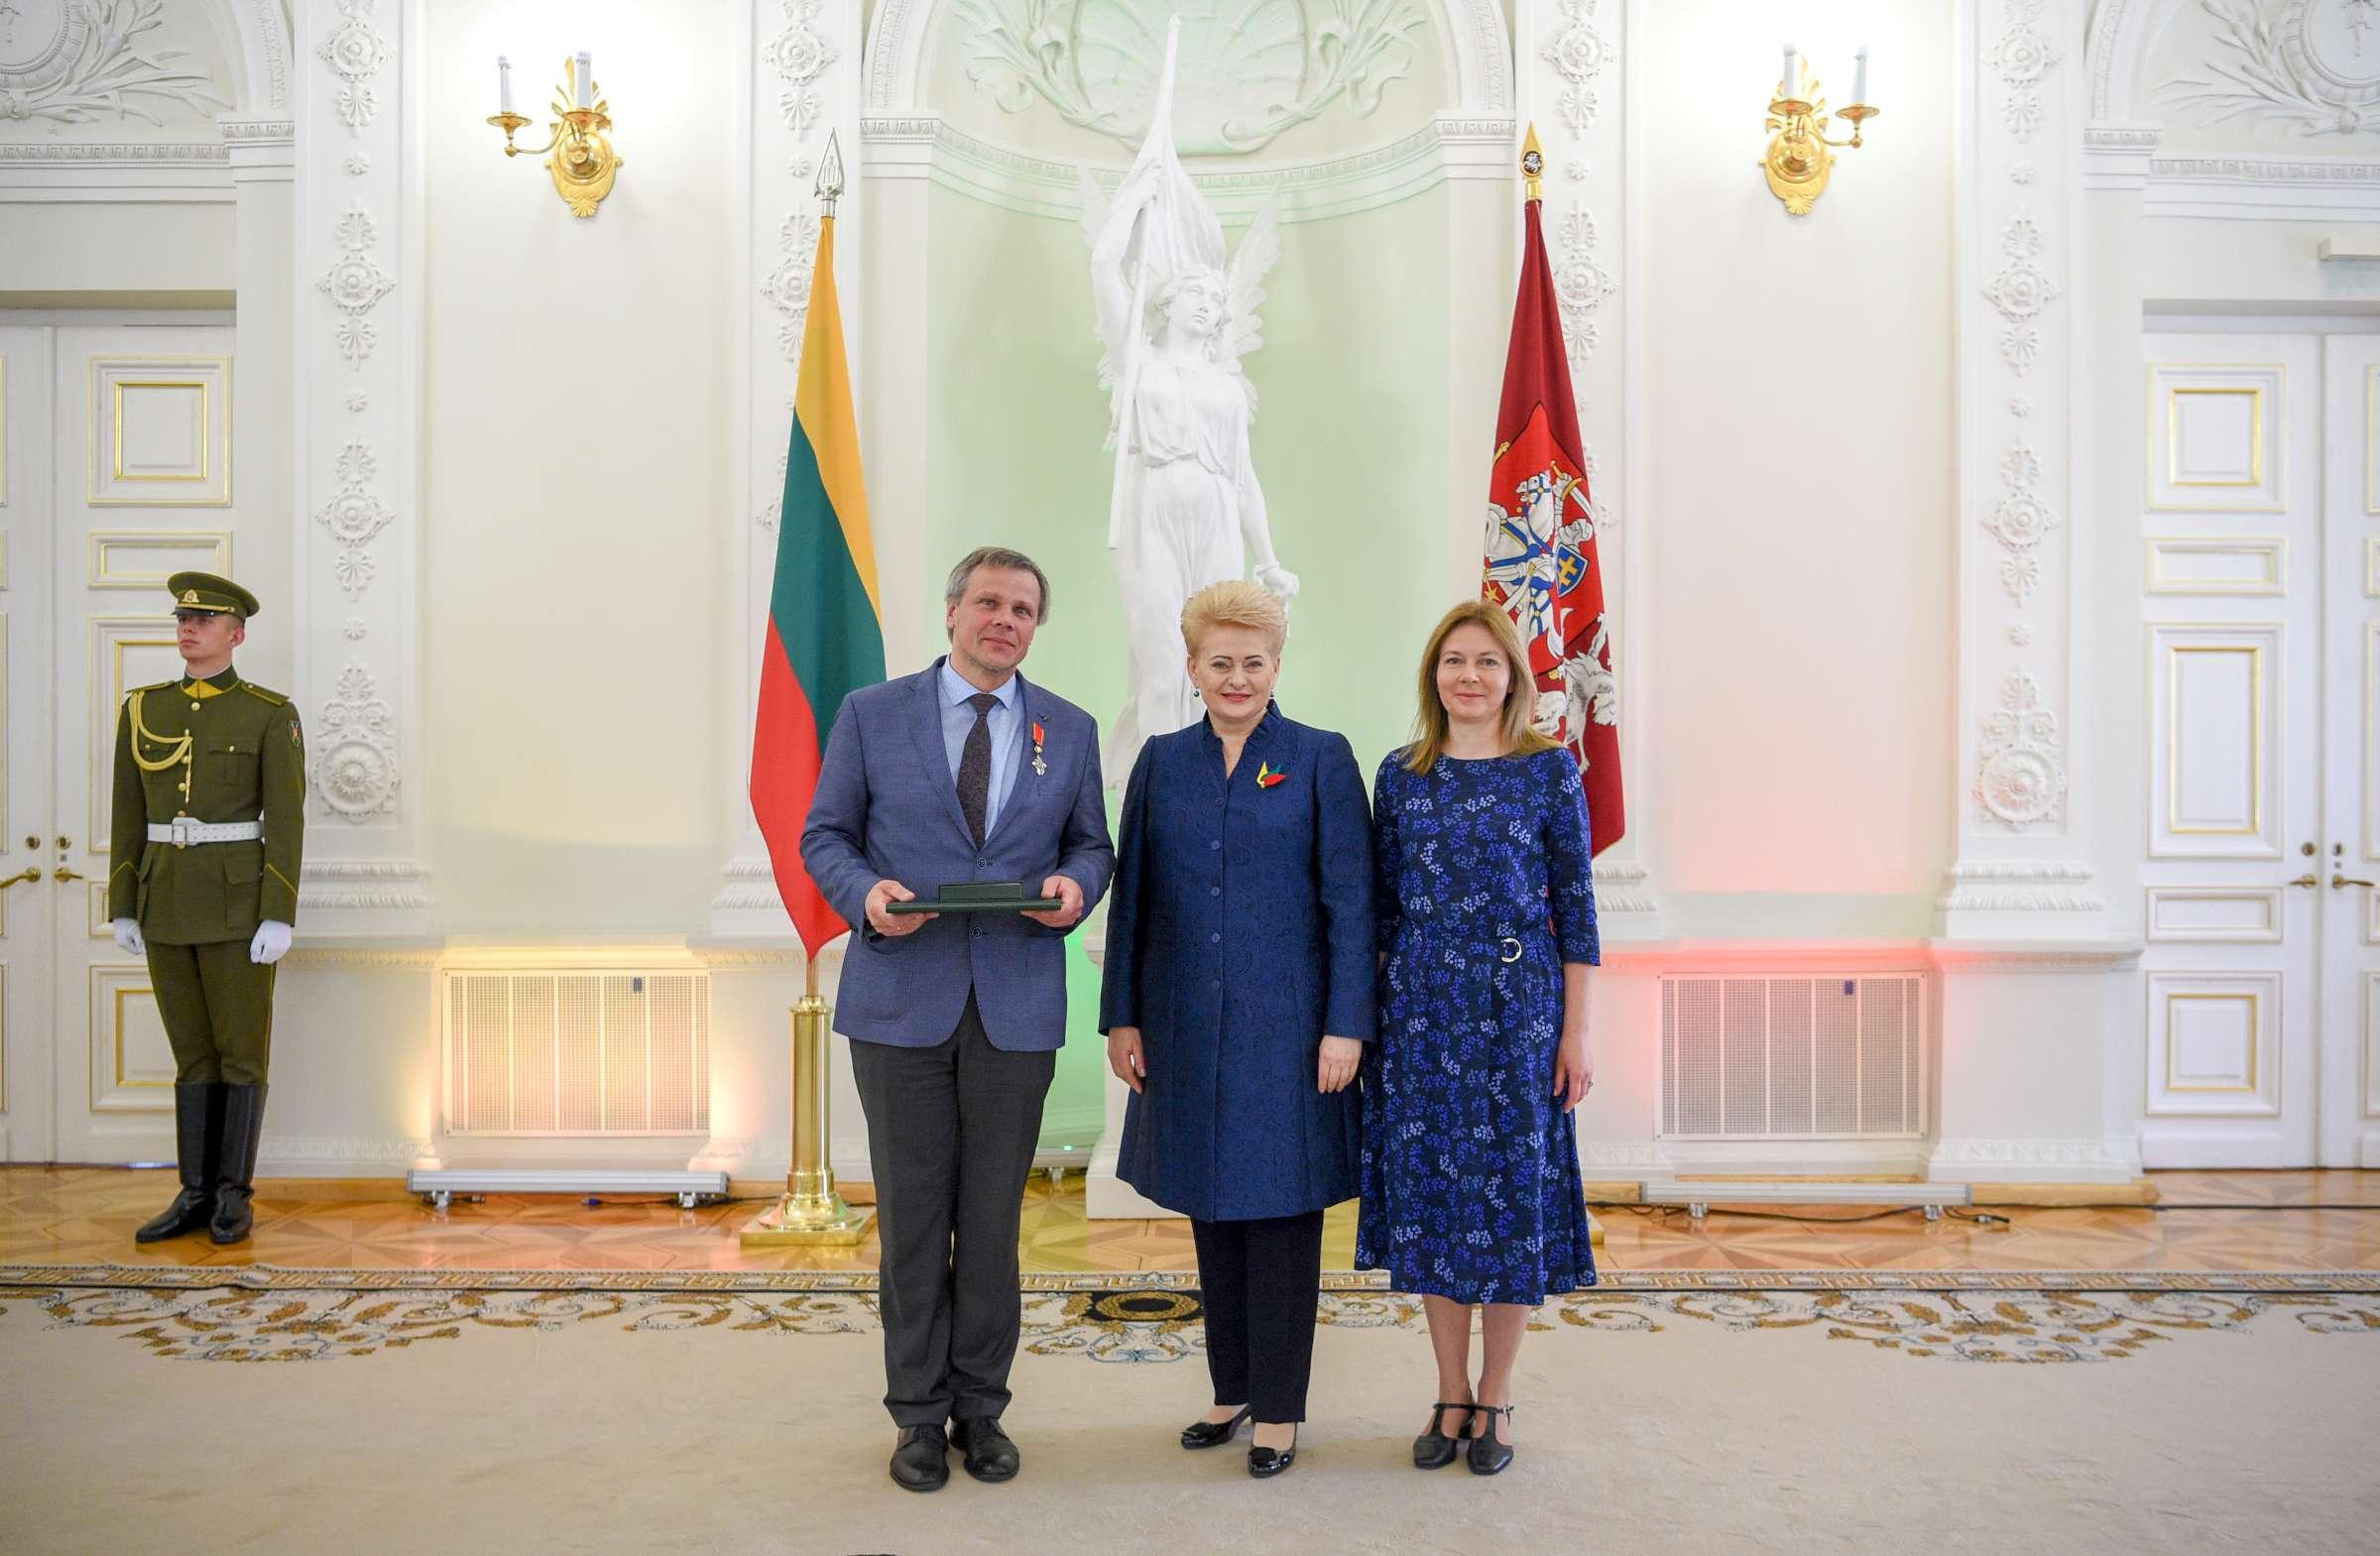 Europos parko įkūrėjui Gintarui Karosui įteiktas valstybės apdovanojimas | lrp.lt nuotr.